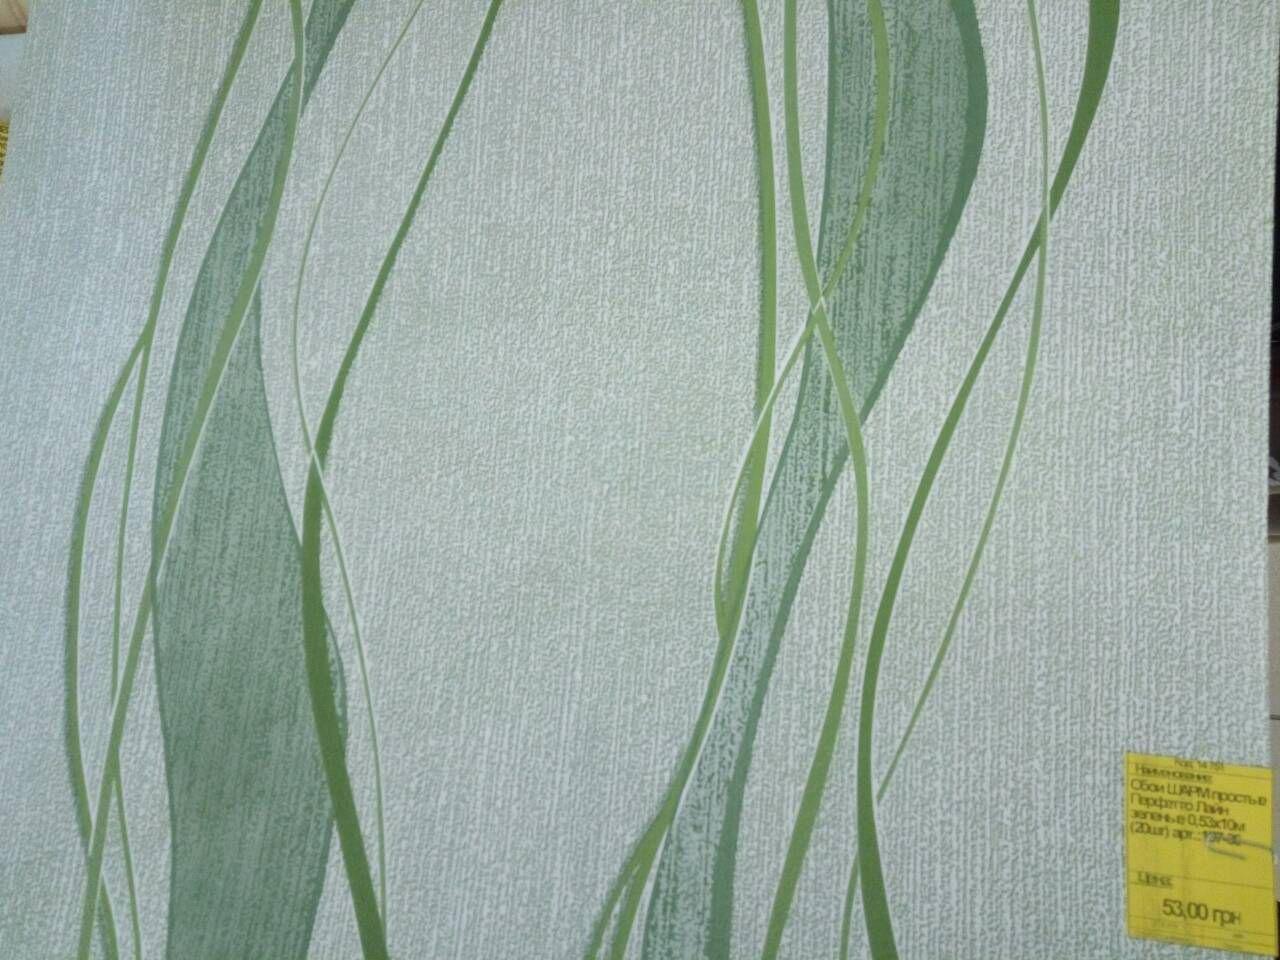 Обои ШАРМ простые Перфетто Лайн зеленые 0,53х10м (20шт)